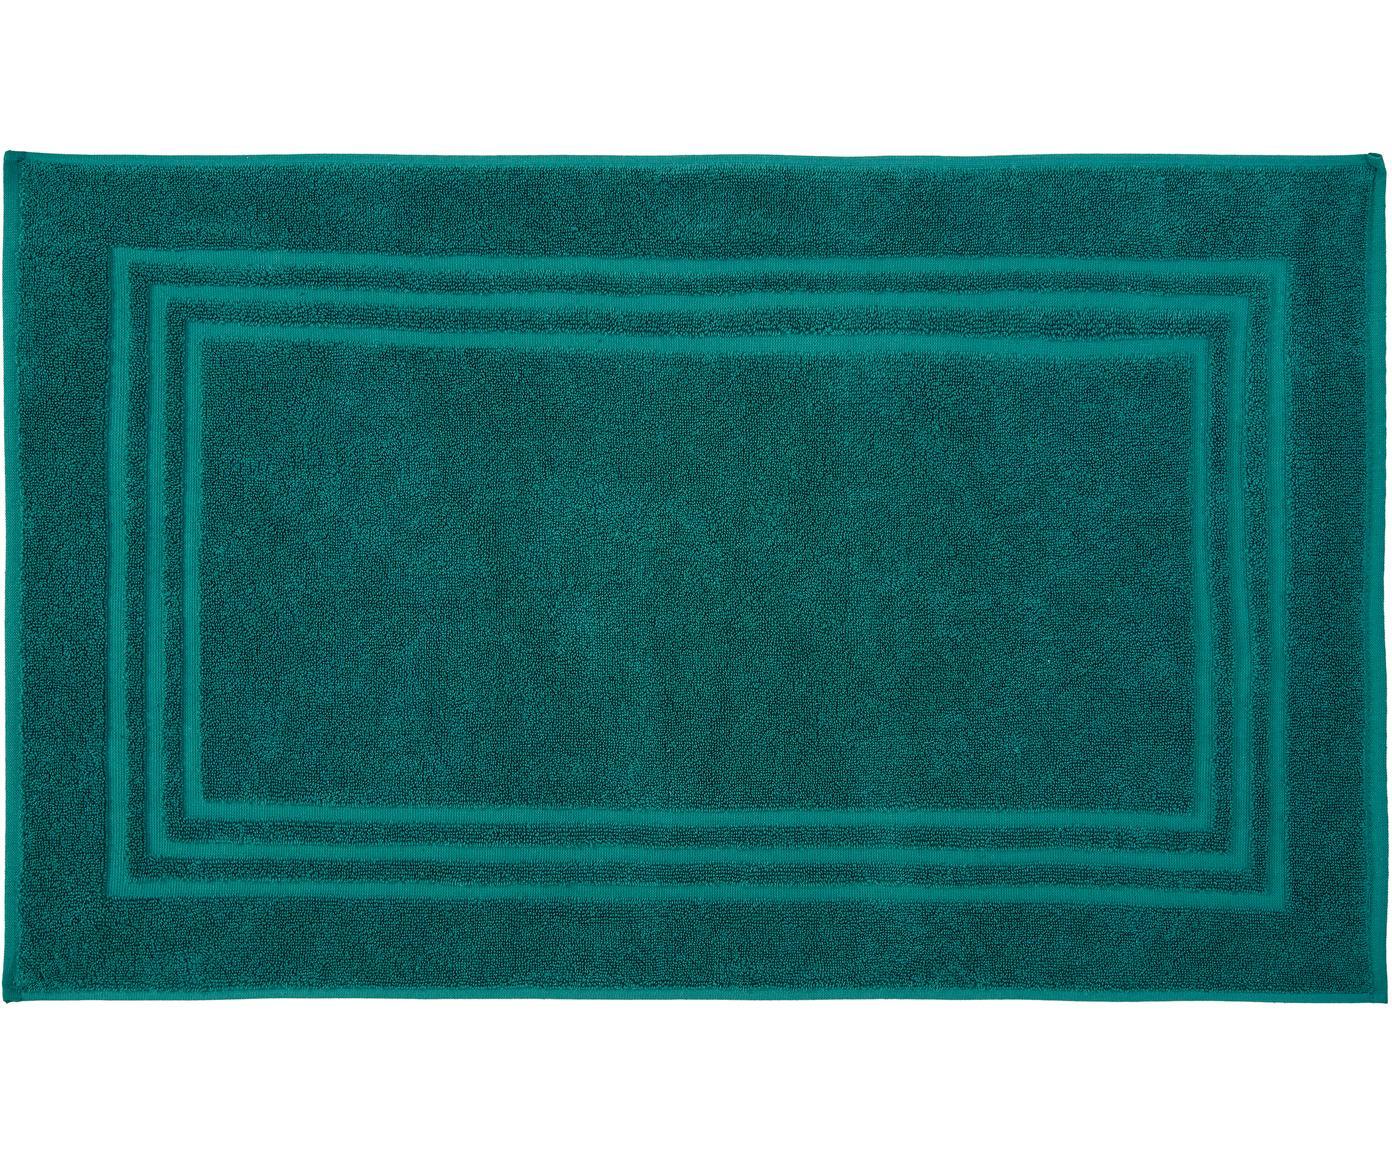 Alfombrilla de baño Gentle, Algodón, Verde esmeralda, An 50 x L 80 cm